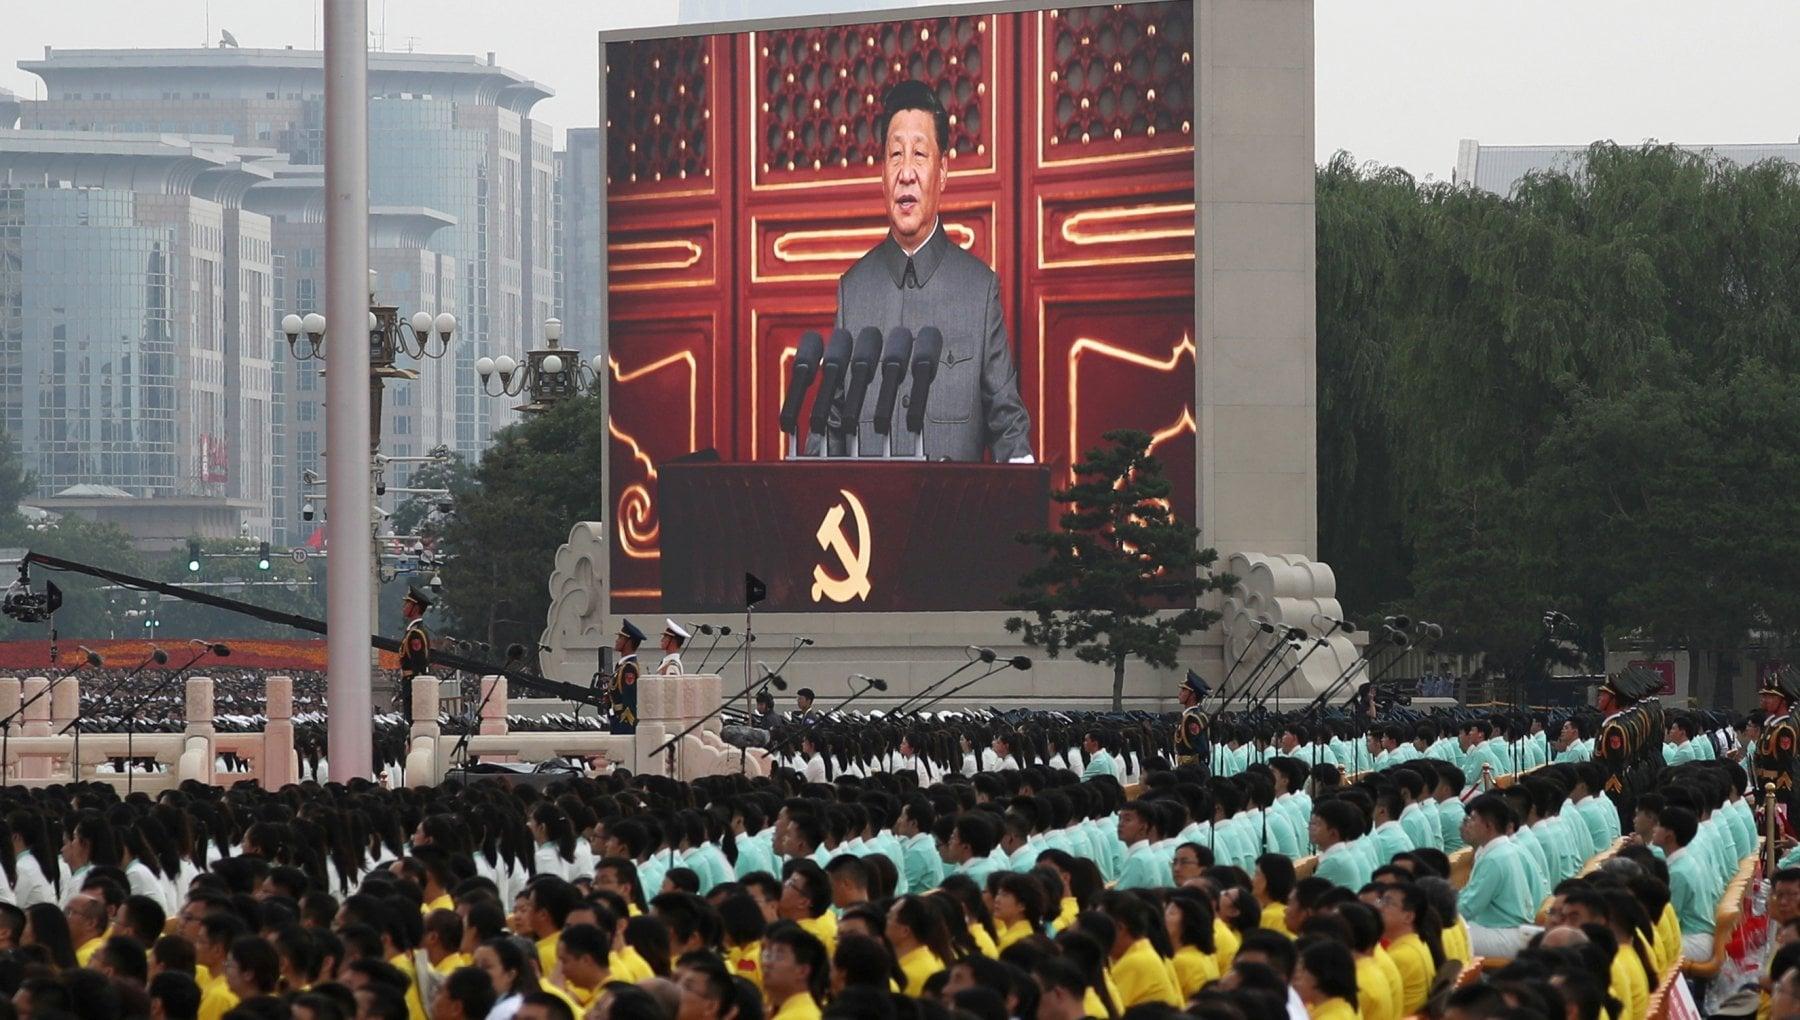 """104304902 c658b936 7b18 4242 8891 3efa79b370b8 - Cina, il messaggio di Xi alle grandi potenze: """"Nessuno ci fermerà"""""""